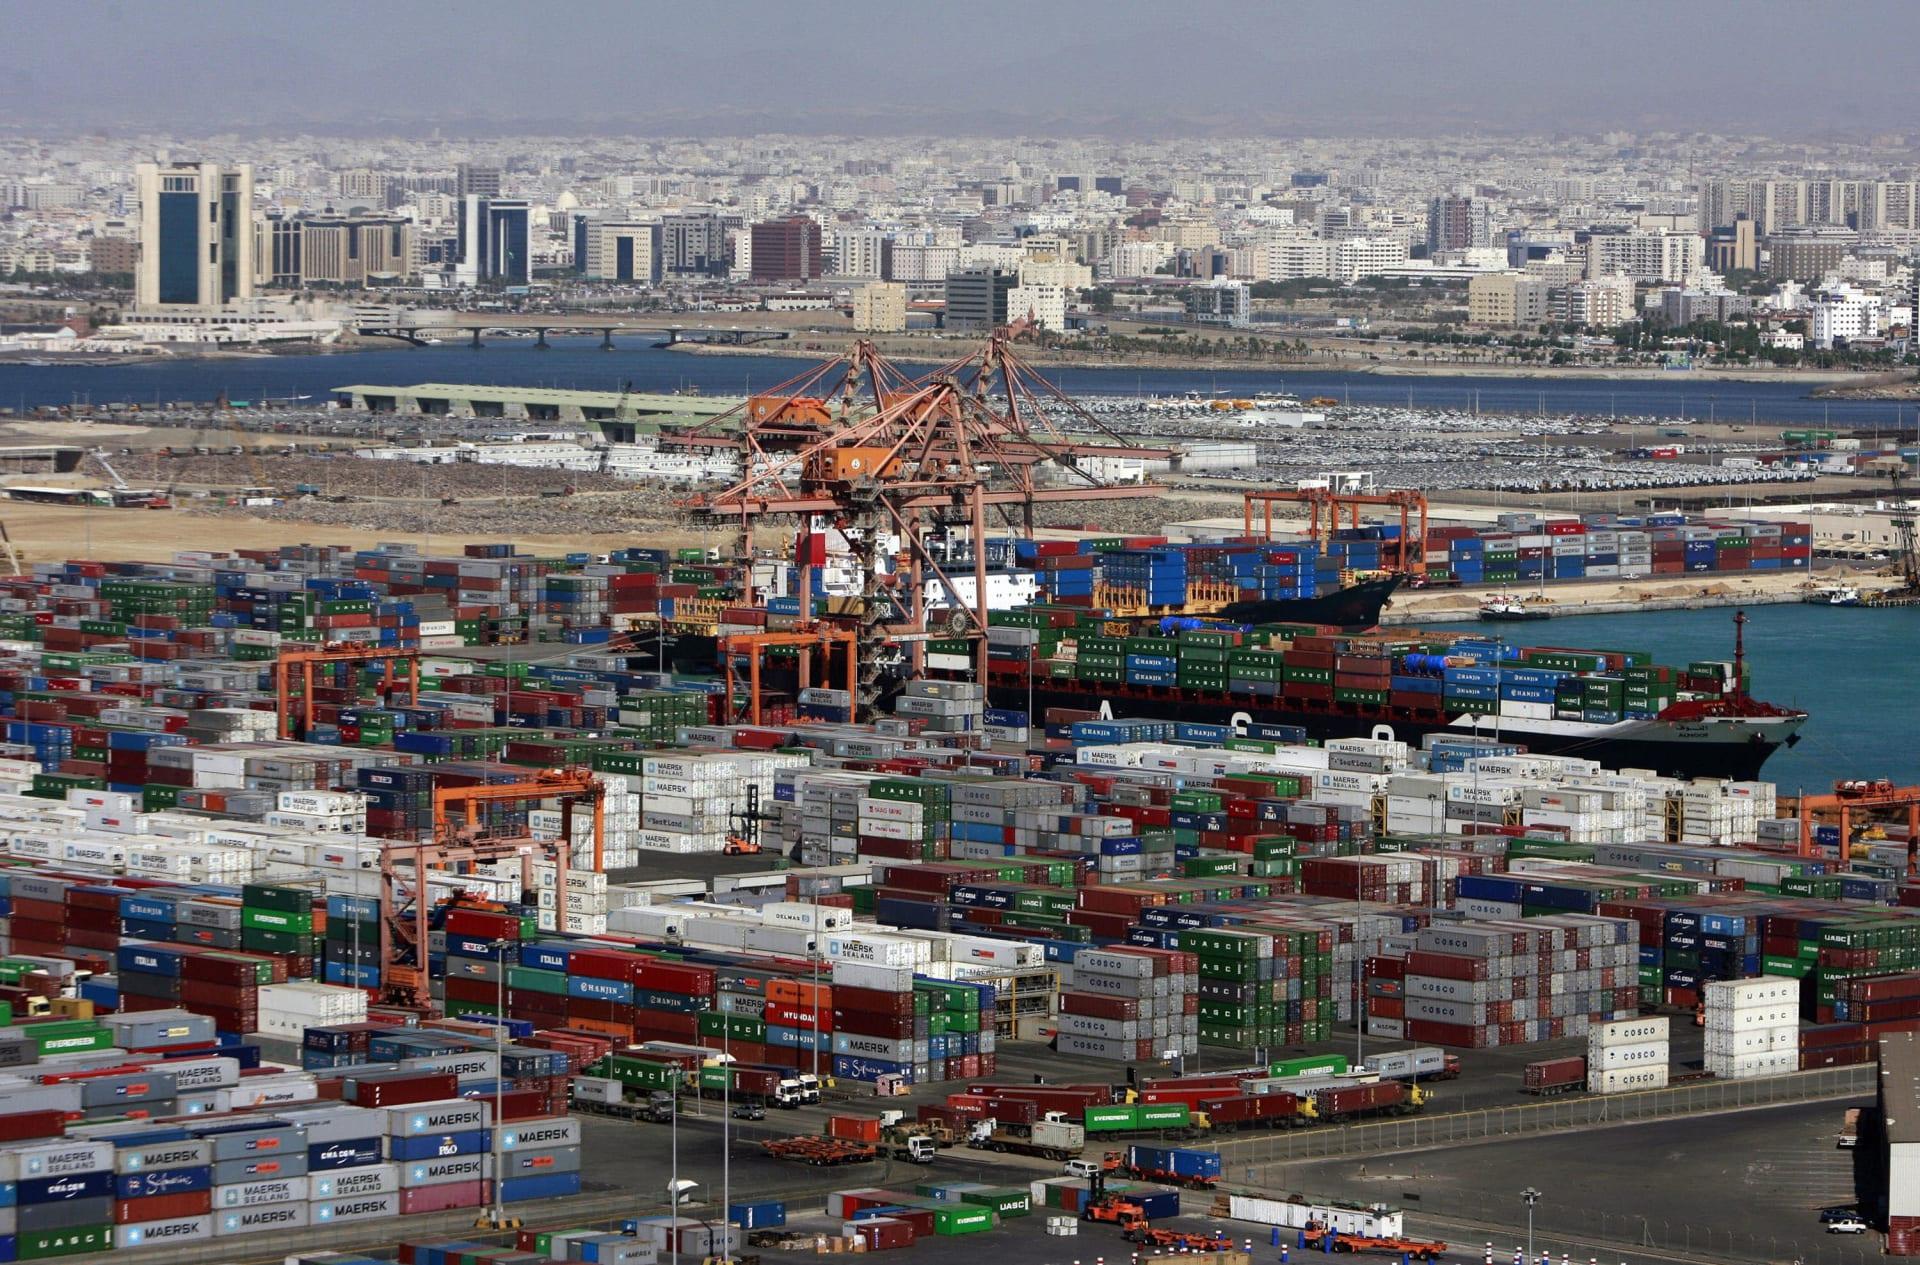 الإمارات والسعودية تطلقان أول خط ملاحي مباشر يربط بين آسيا وأفريقيا